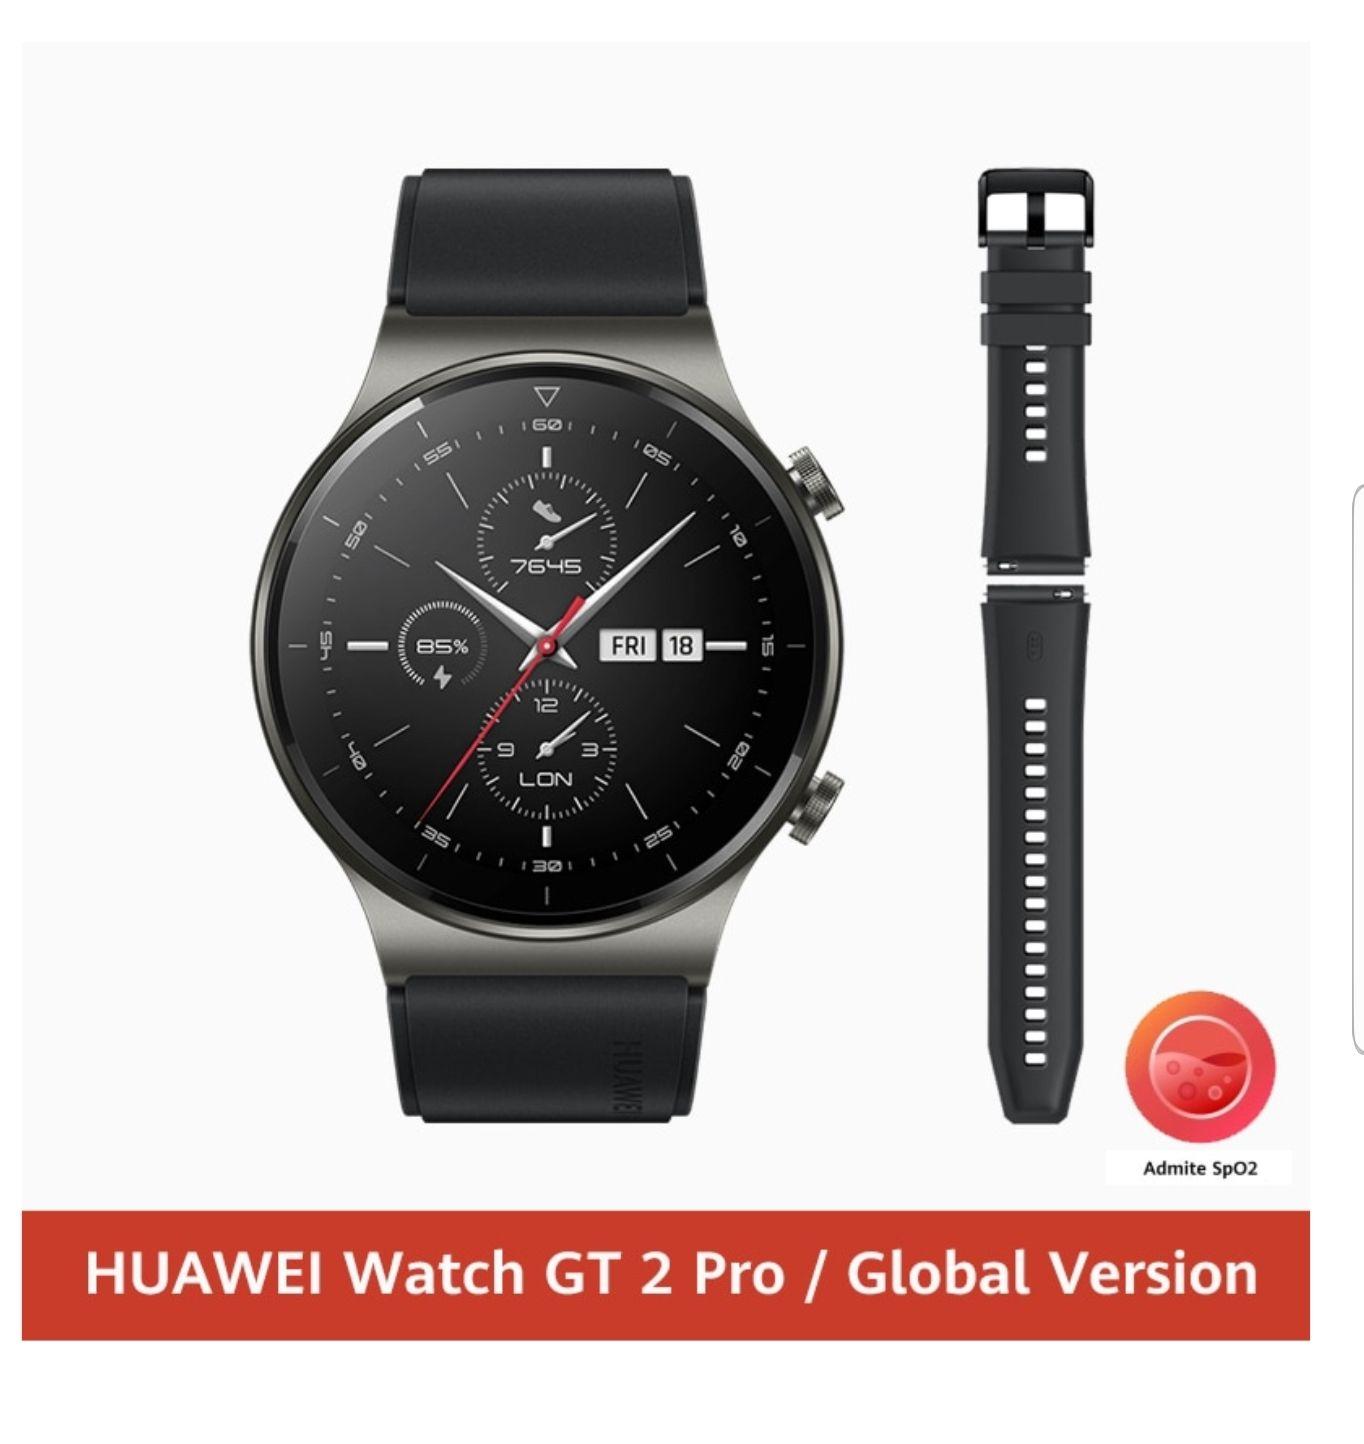 Montre connectée Huawei Watch GT2 Pro (156,28 via Code FRclearance24) - Entrepôt France